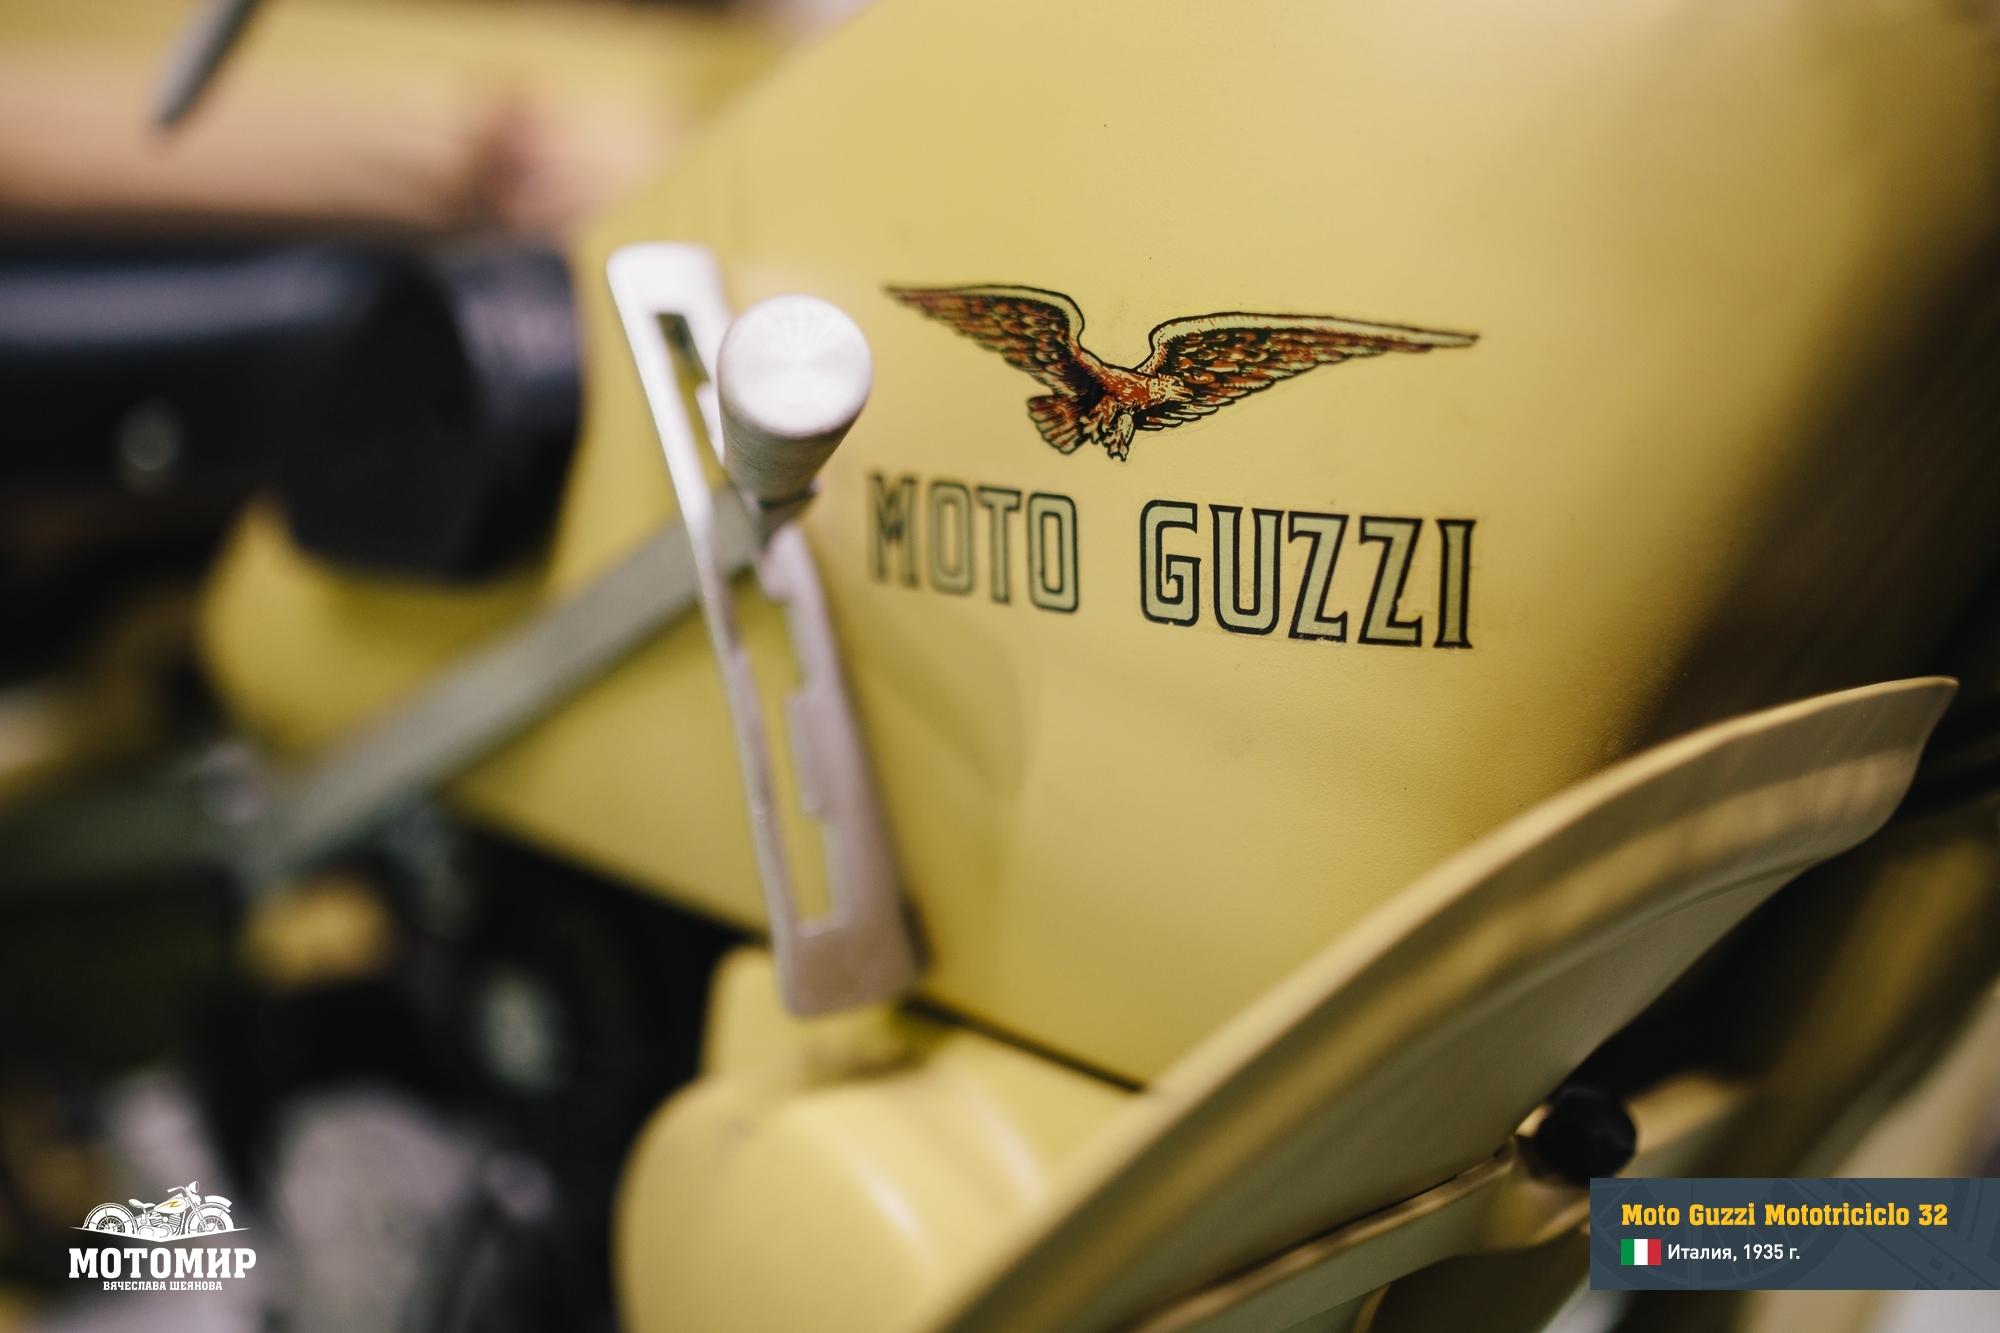 moto-guzzi-mototriciclo-32-web-30